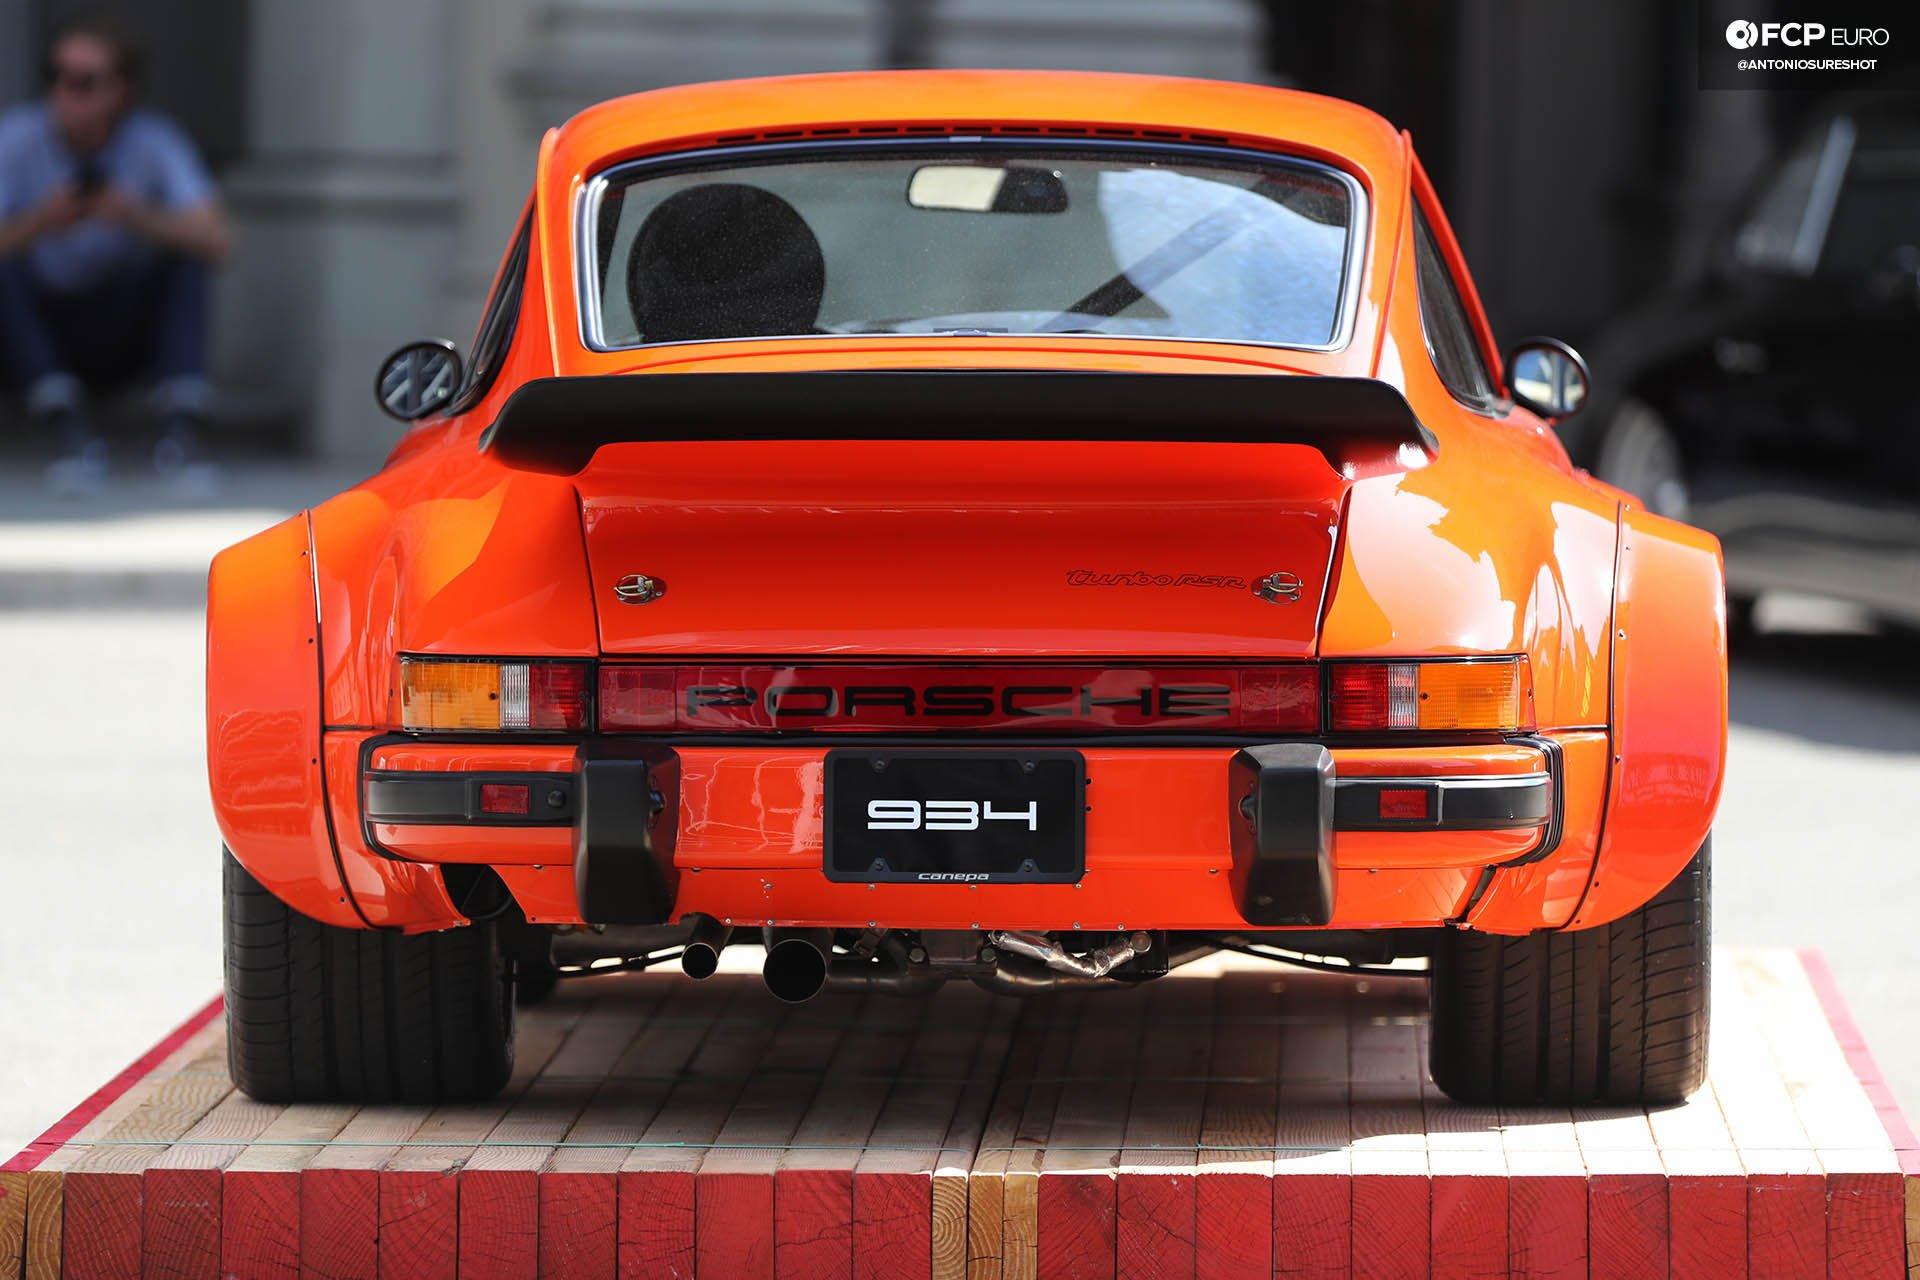 Luftgekühlt Porsche 934 Jerry Seinfeld Luft 6